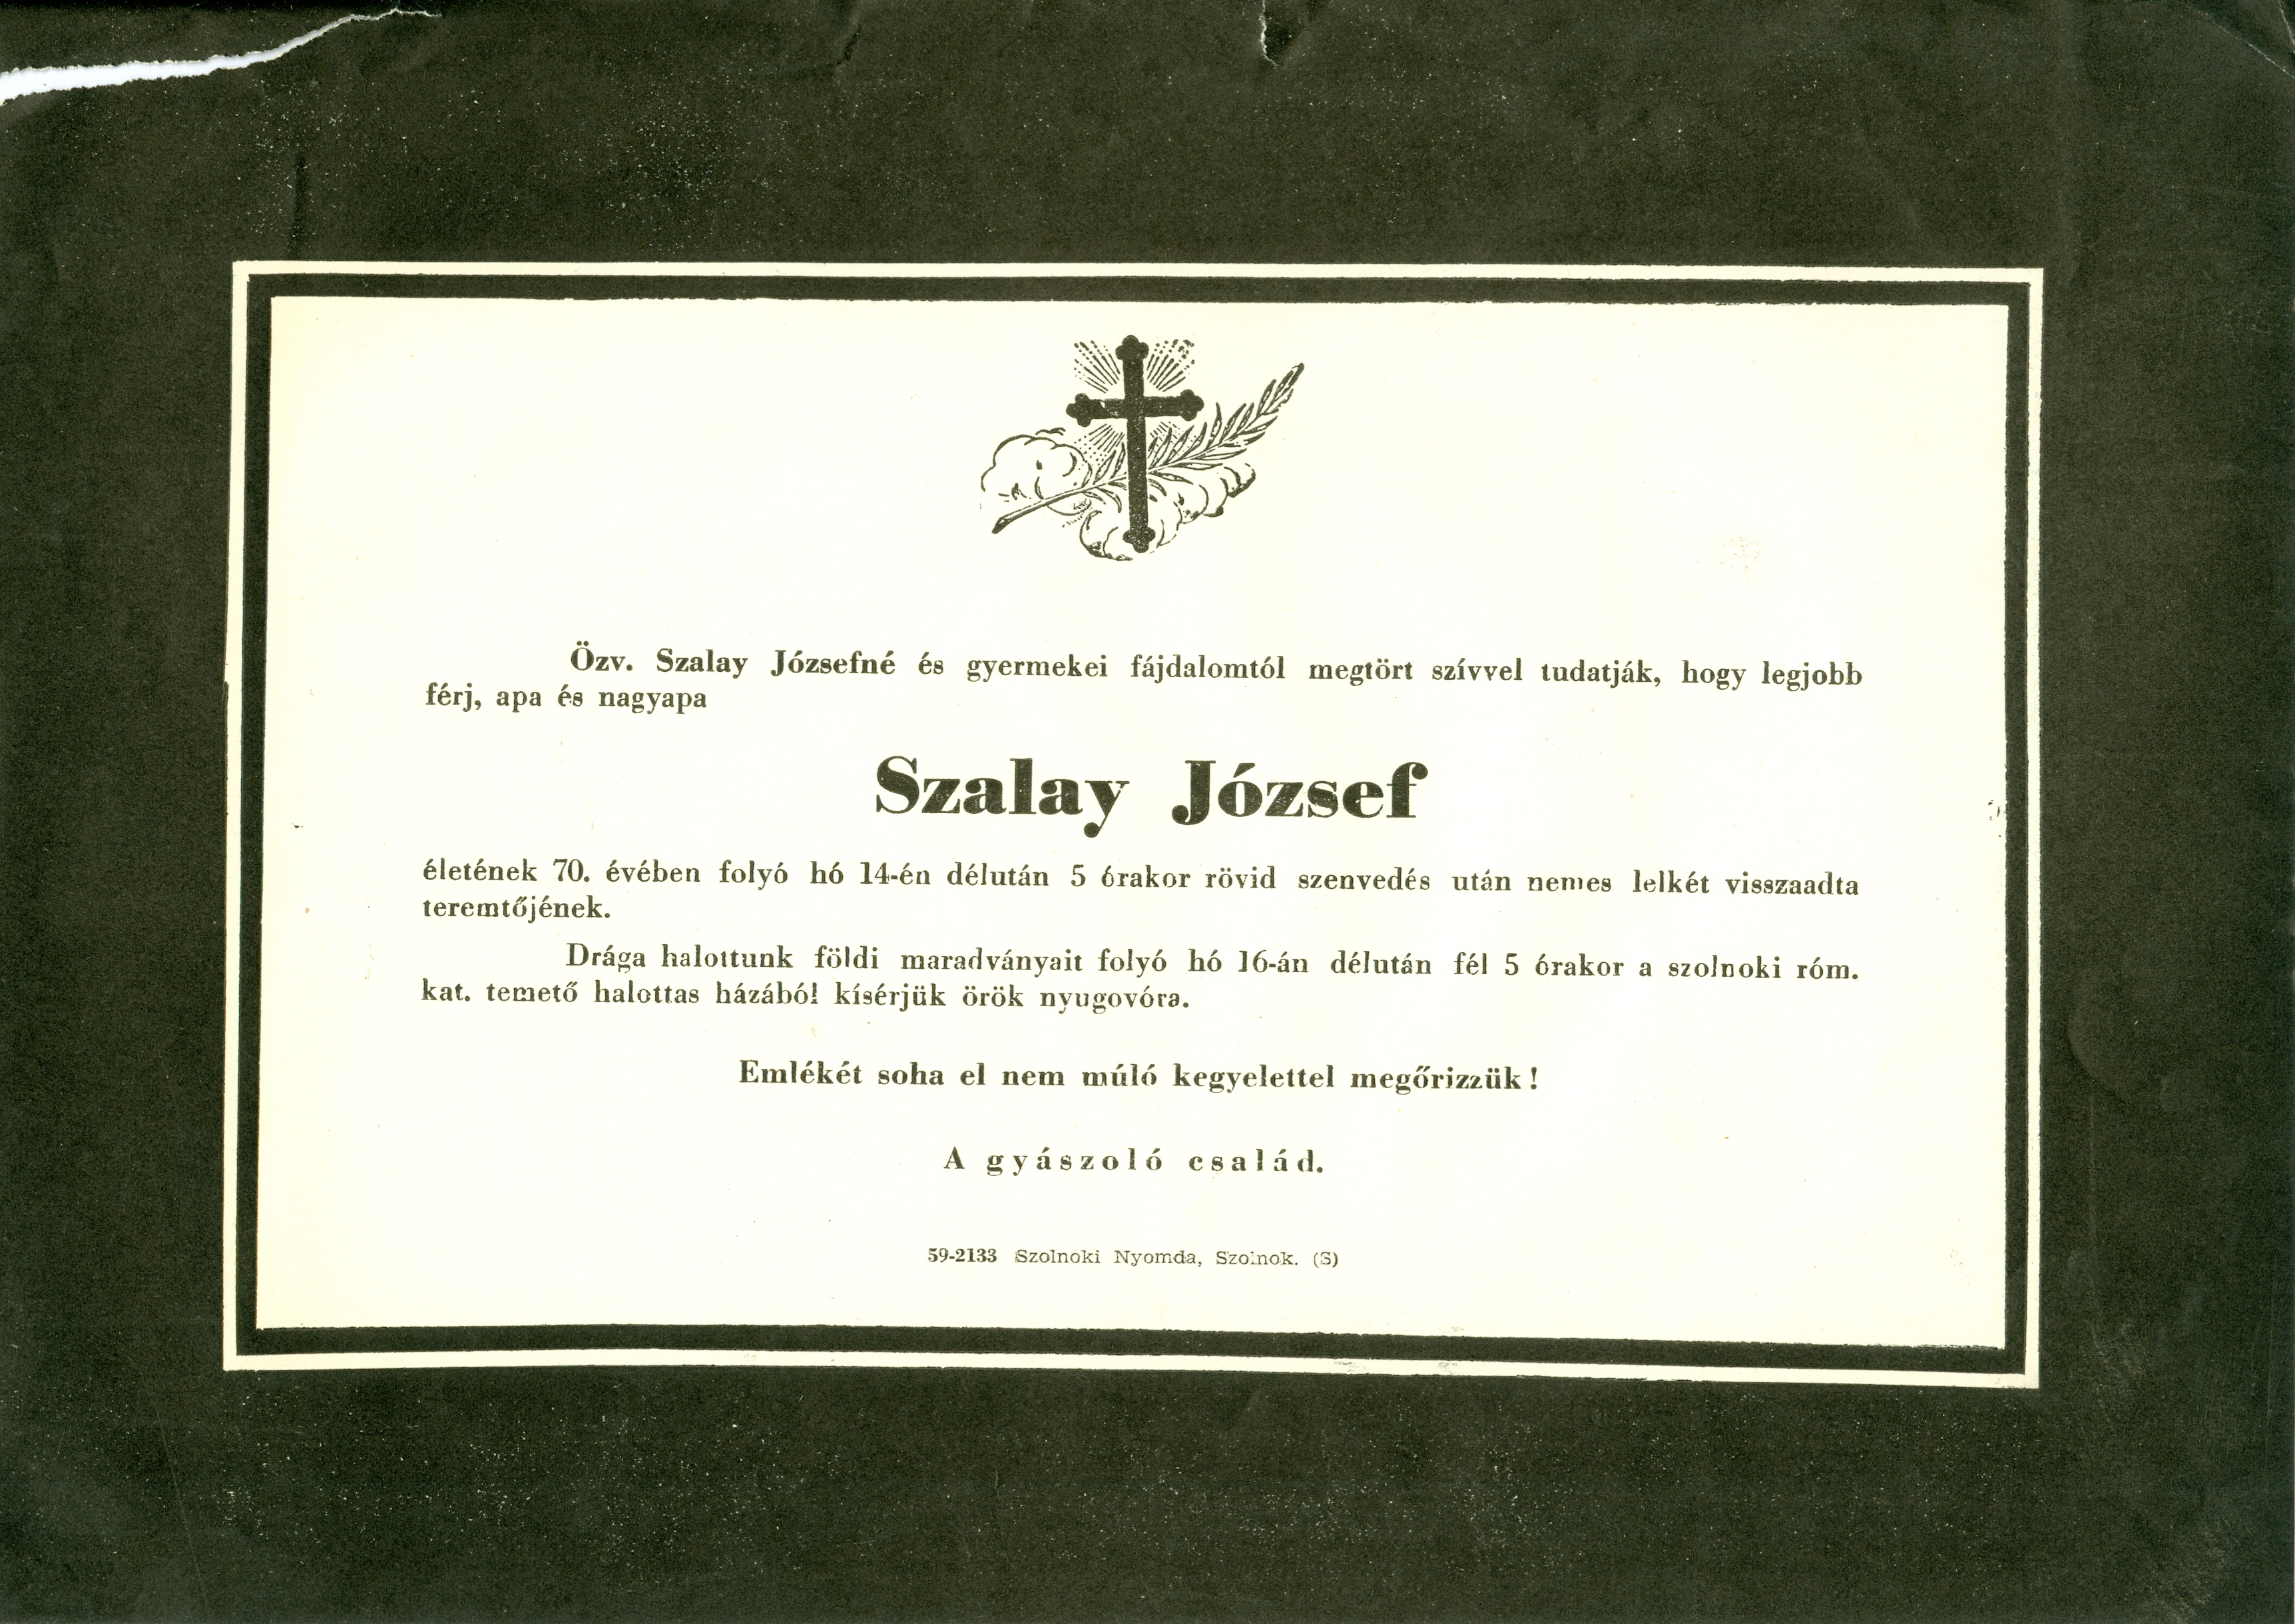 Szalay József